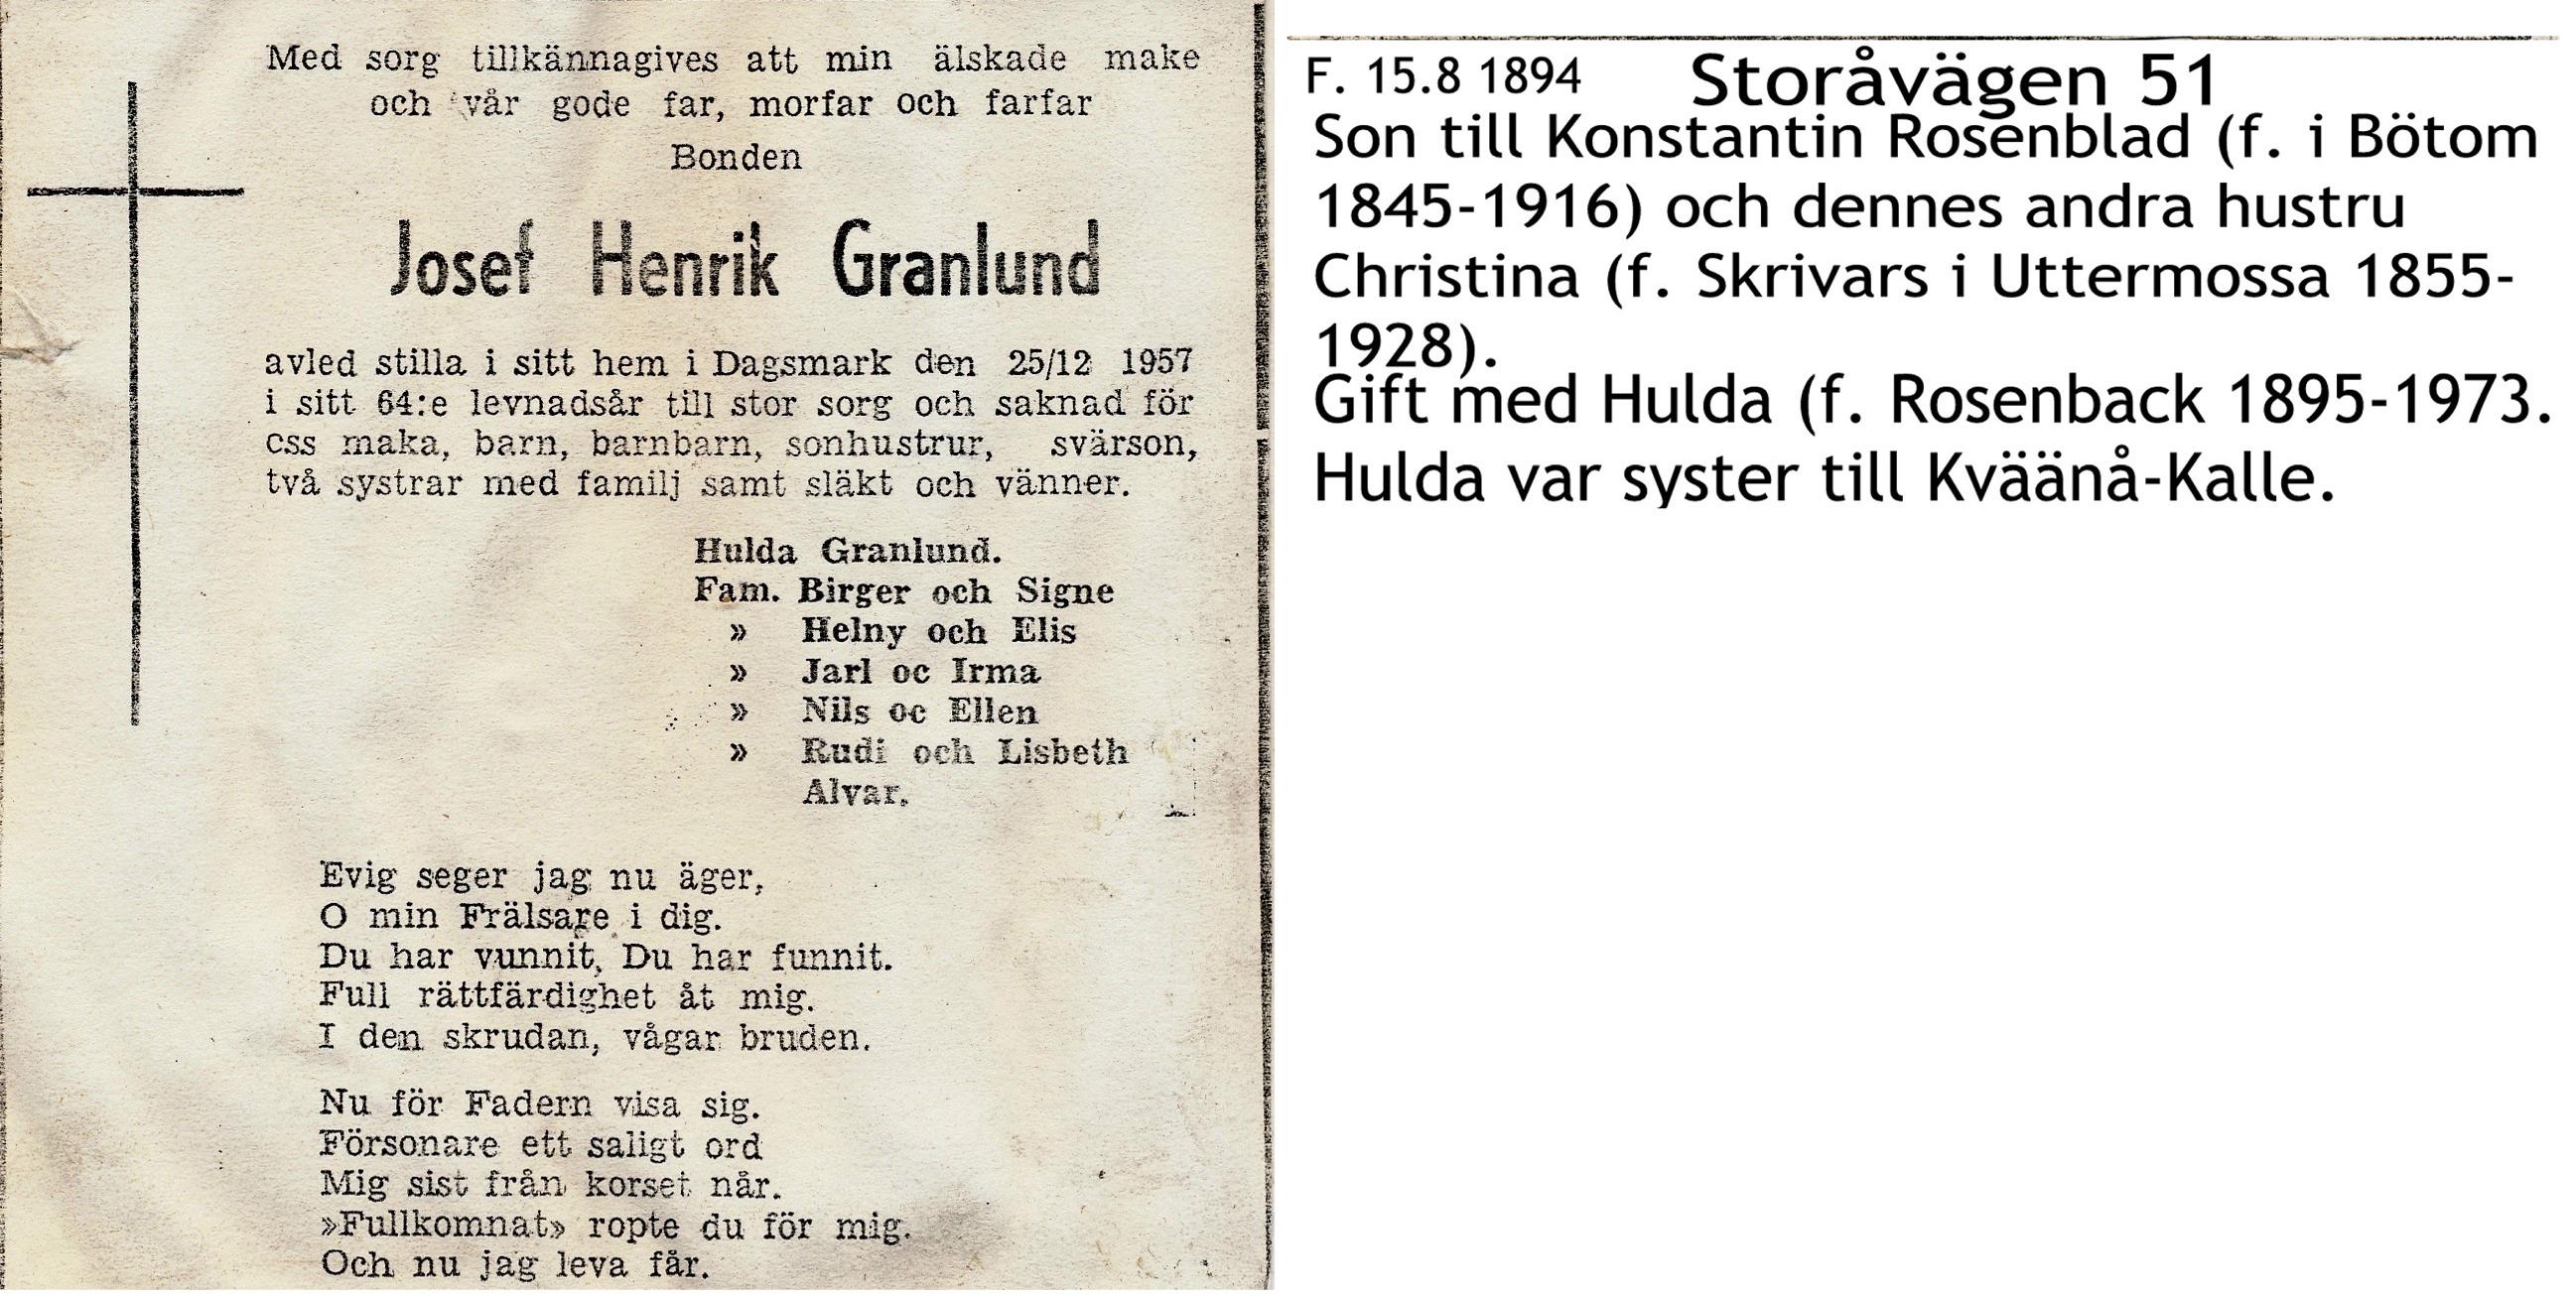 Granlund Josef